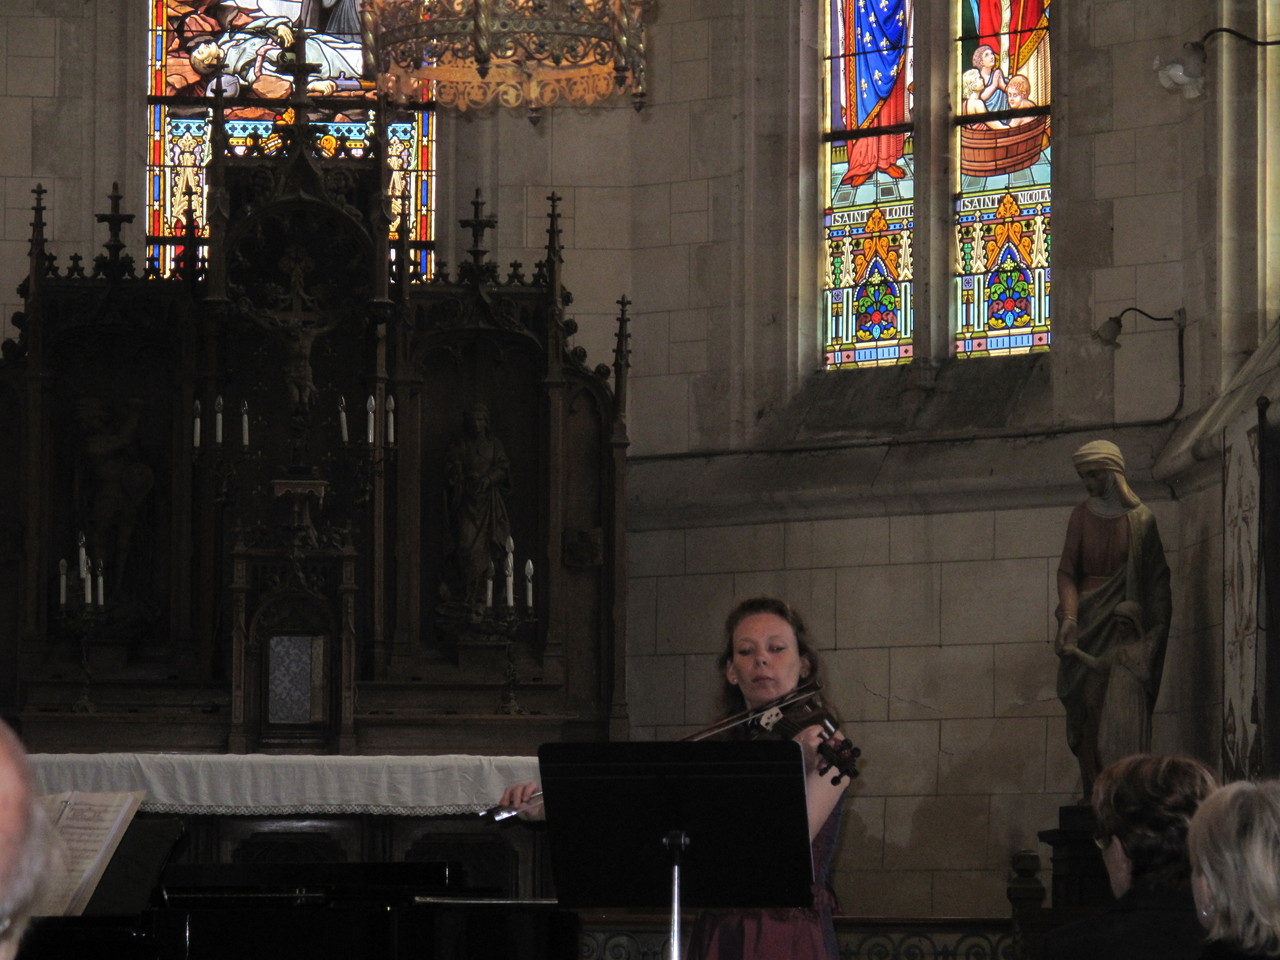 Samedi, 14h30 dans l'Eglise, le Duo Arc en Ciel : notre violoniste Claire Kaczmierczak accompagnée au piano d'Emmanuel Coulombel